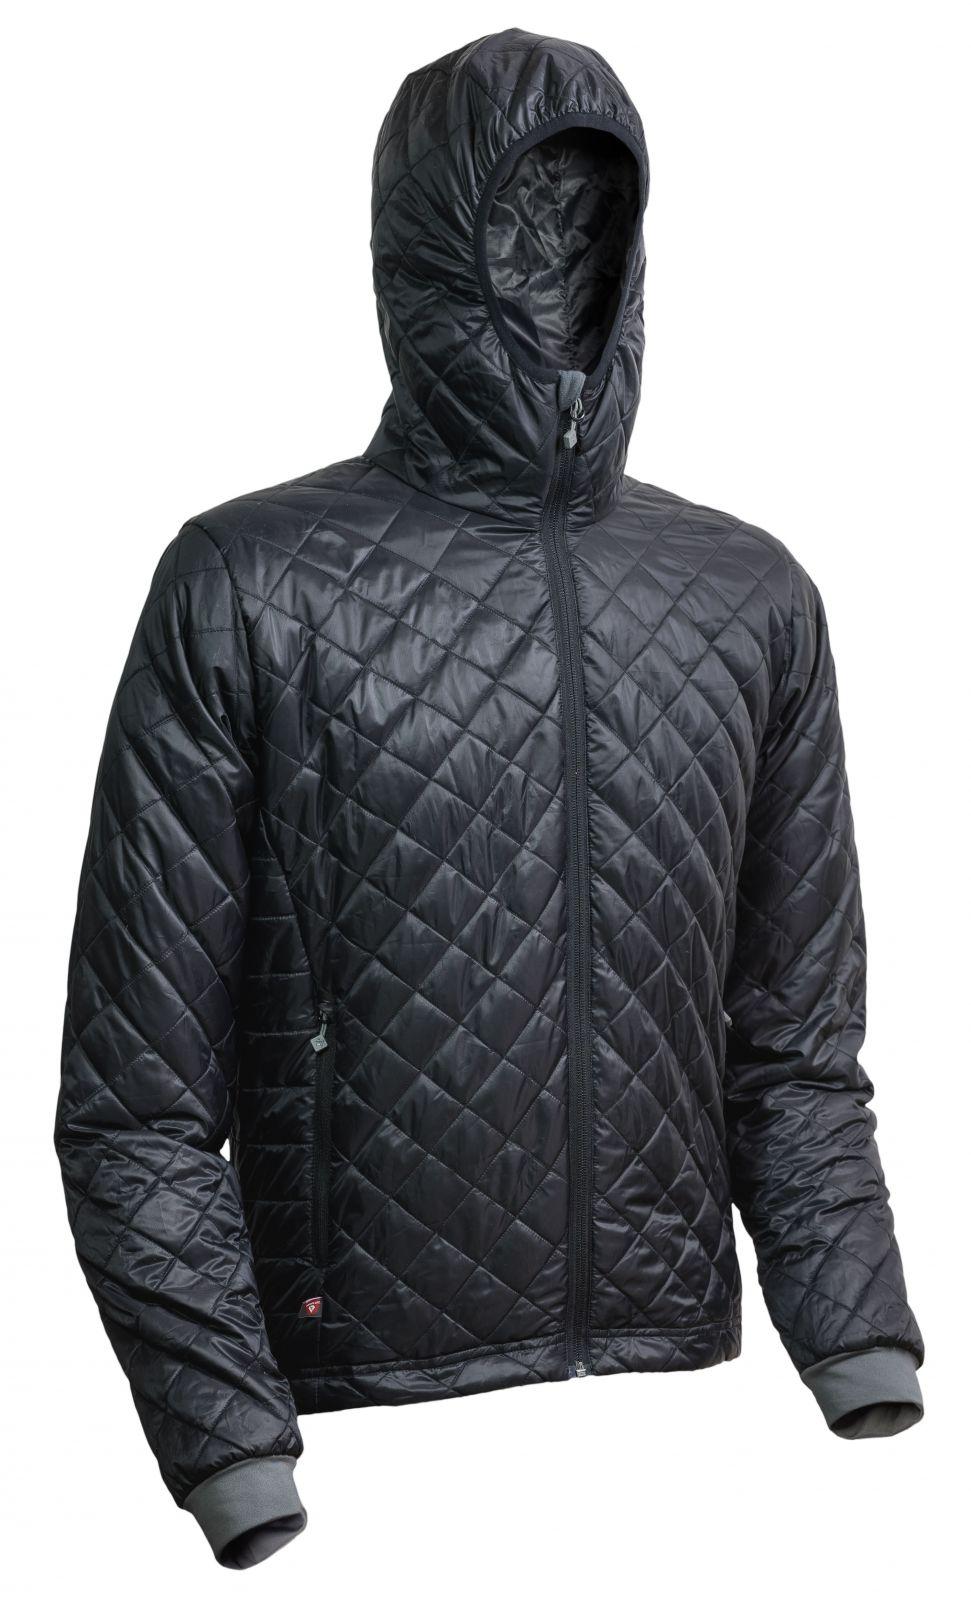 Warmpeace Spirit black / black pánská bunda zateplená PrimaLoftem